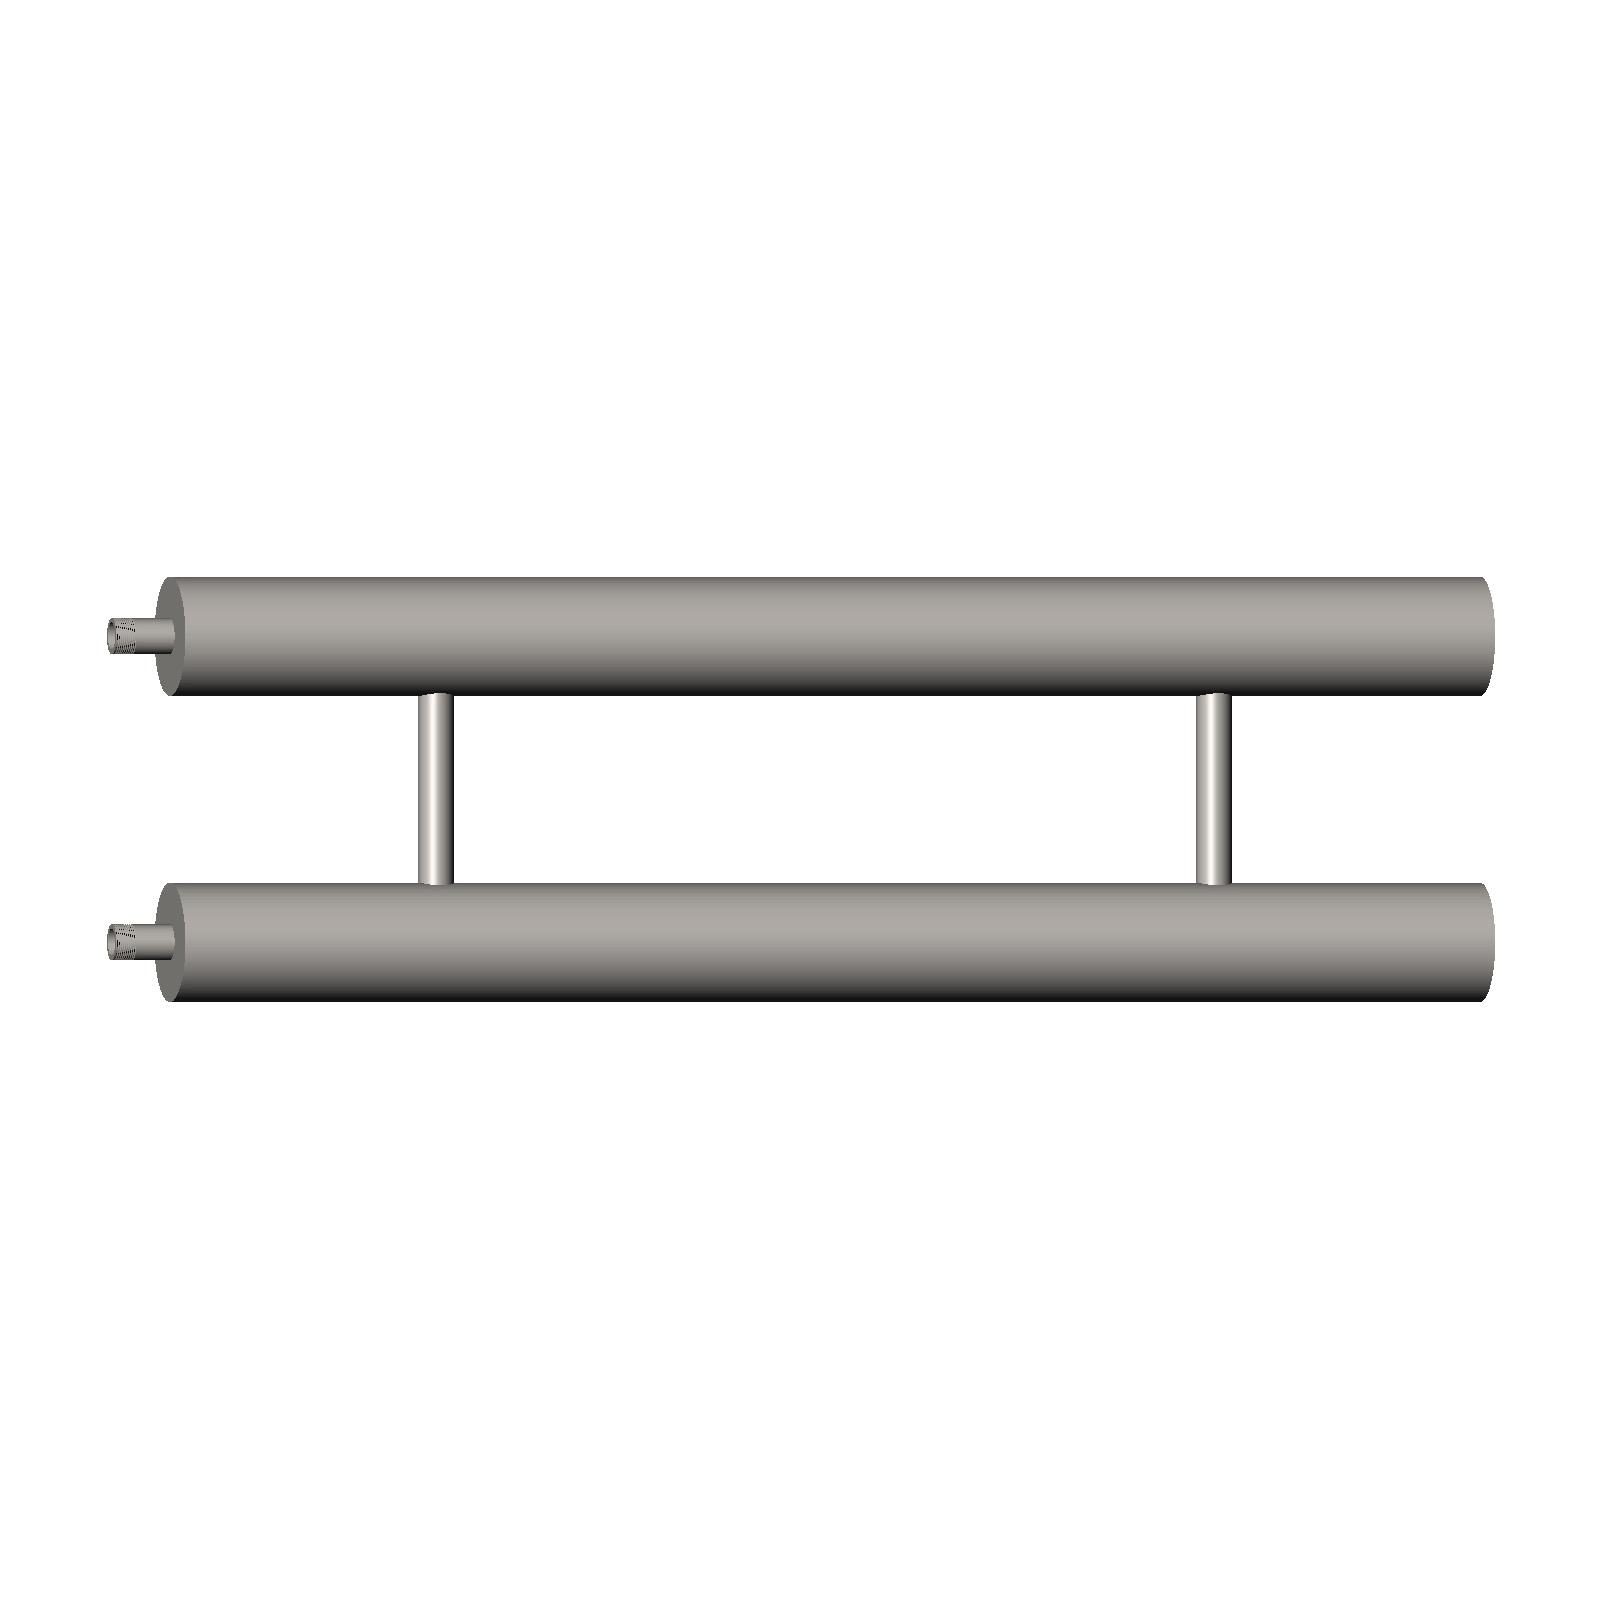 Производство отопительных регистров ИНОТЭК серии РОС из стали для систем отопления лечебных учреждений.